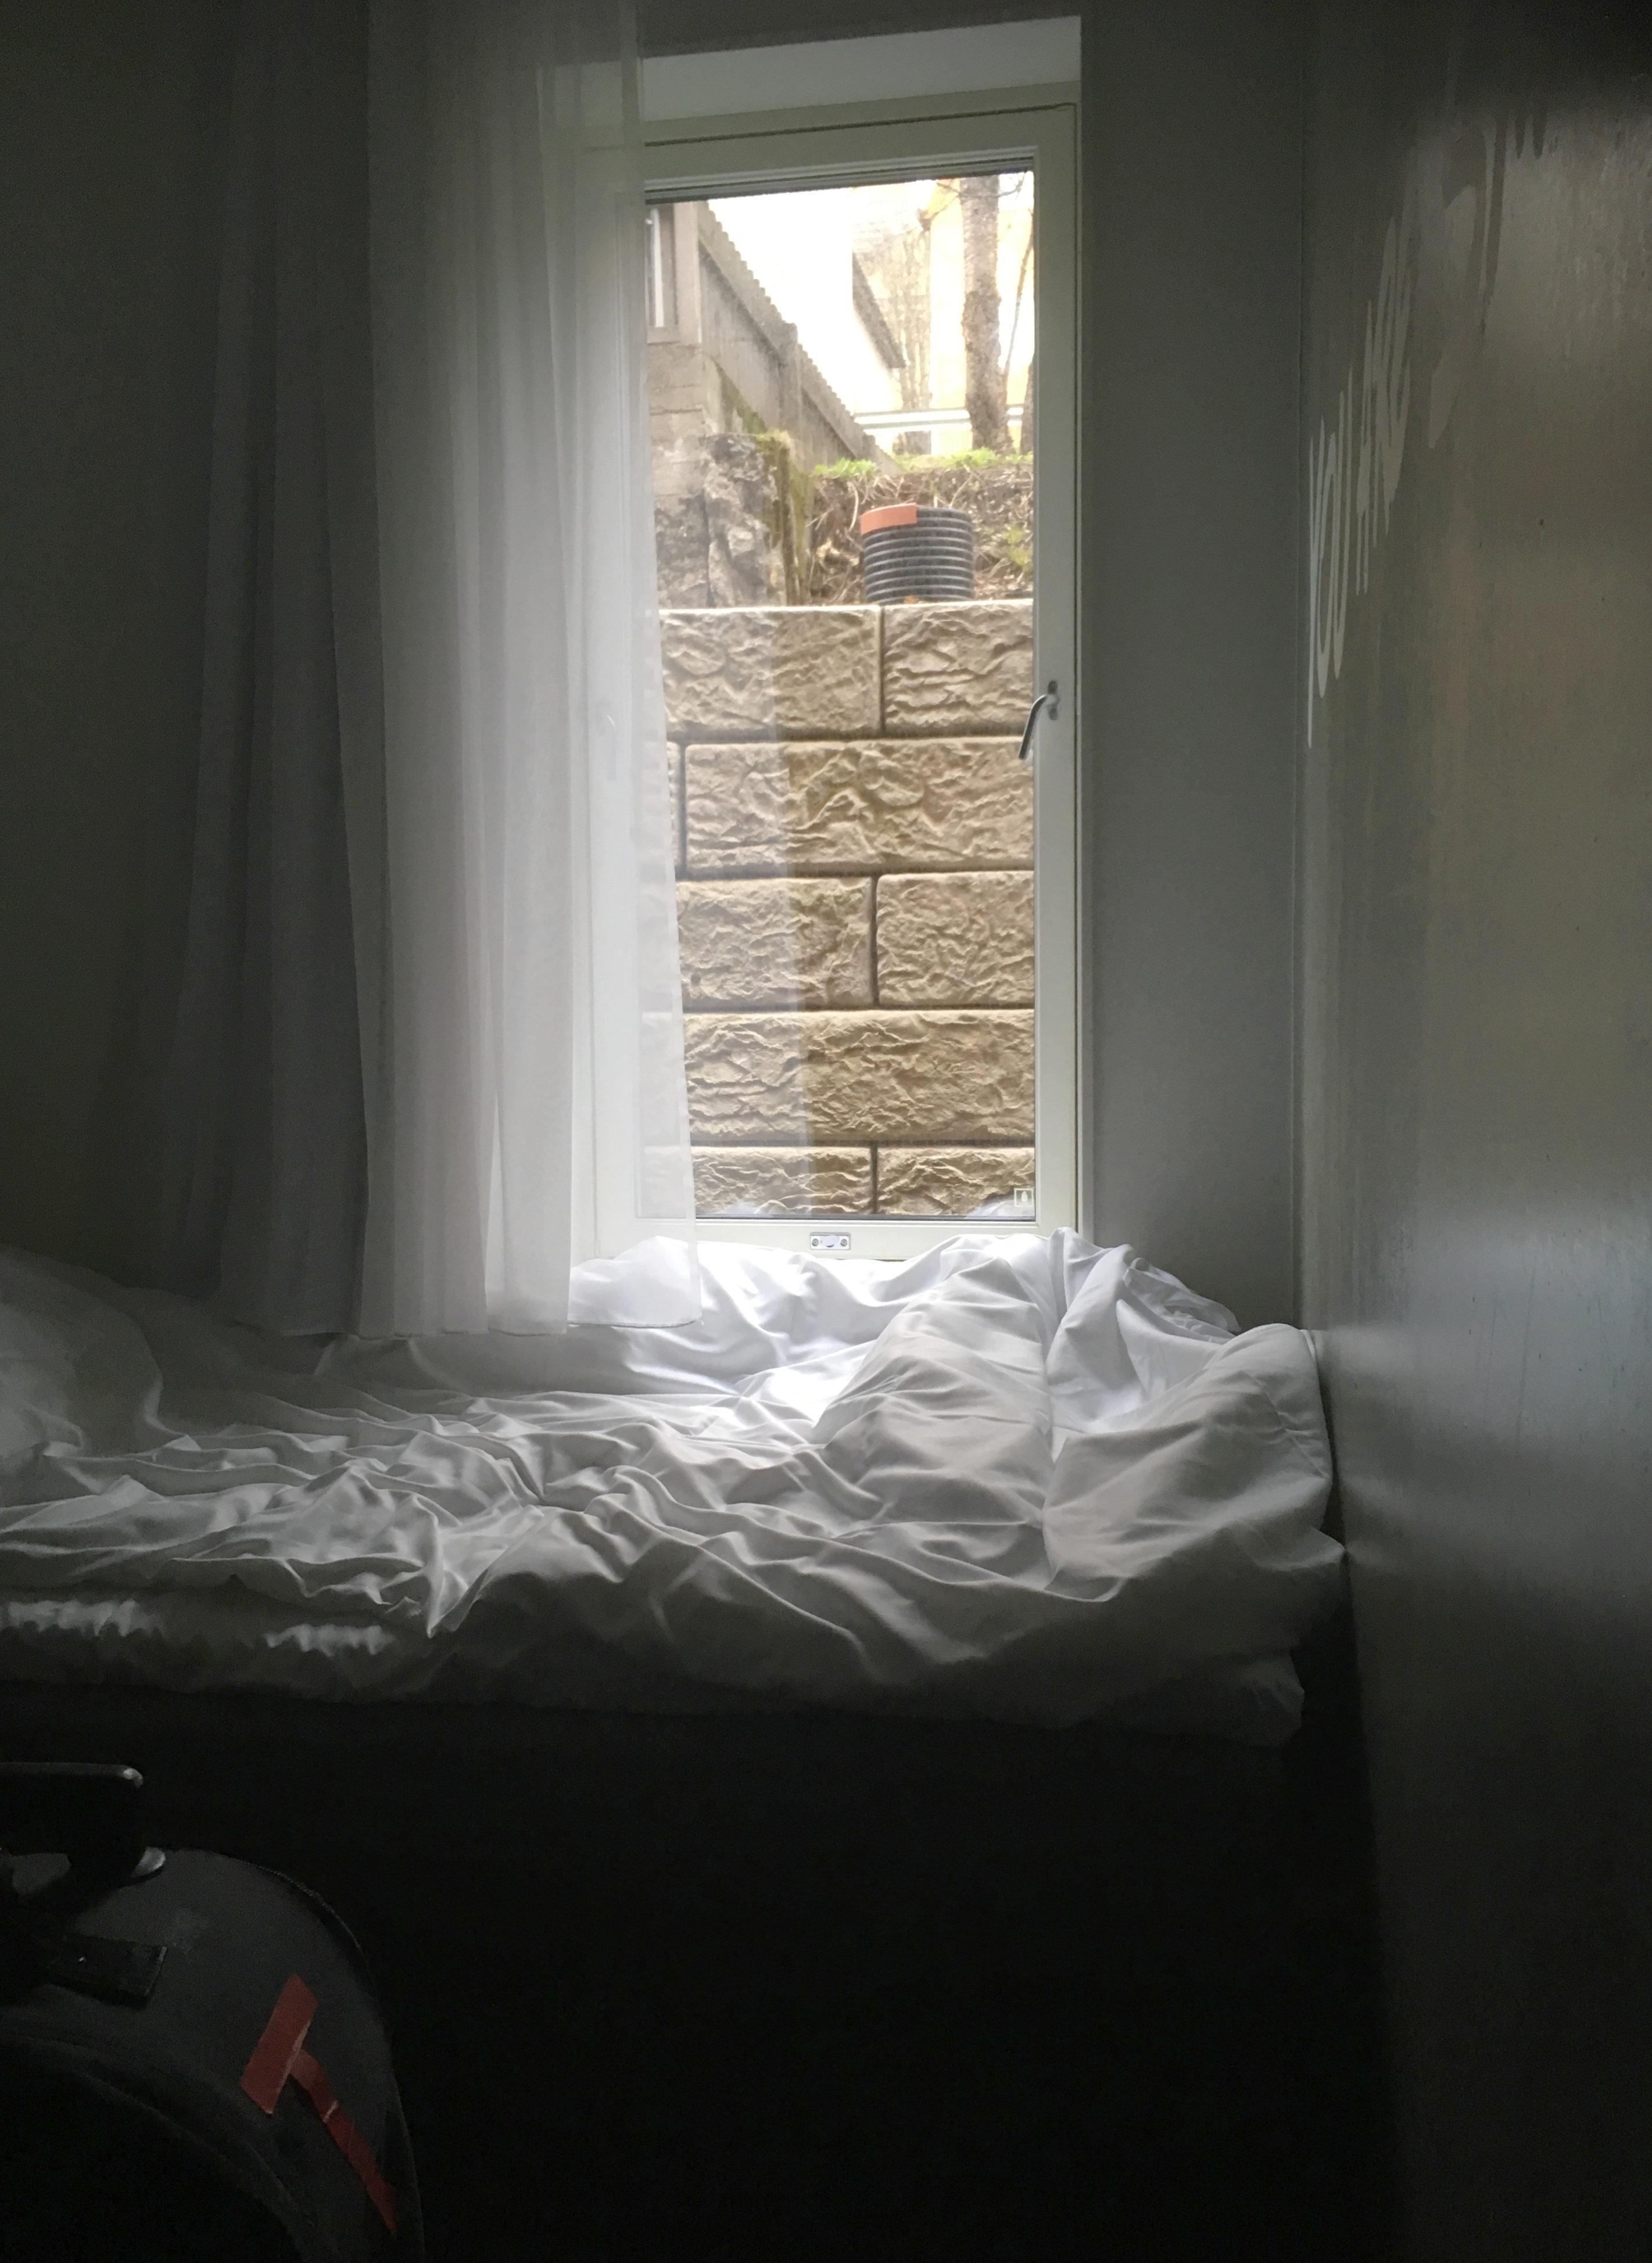 Zimmer von Türe gesehen